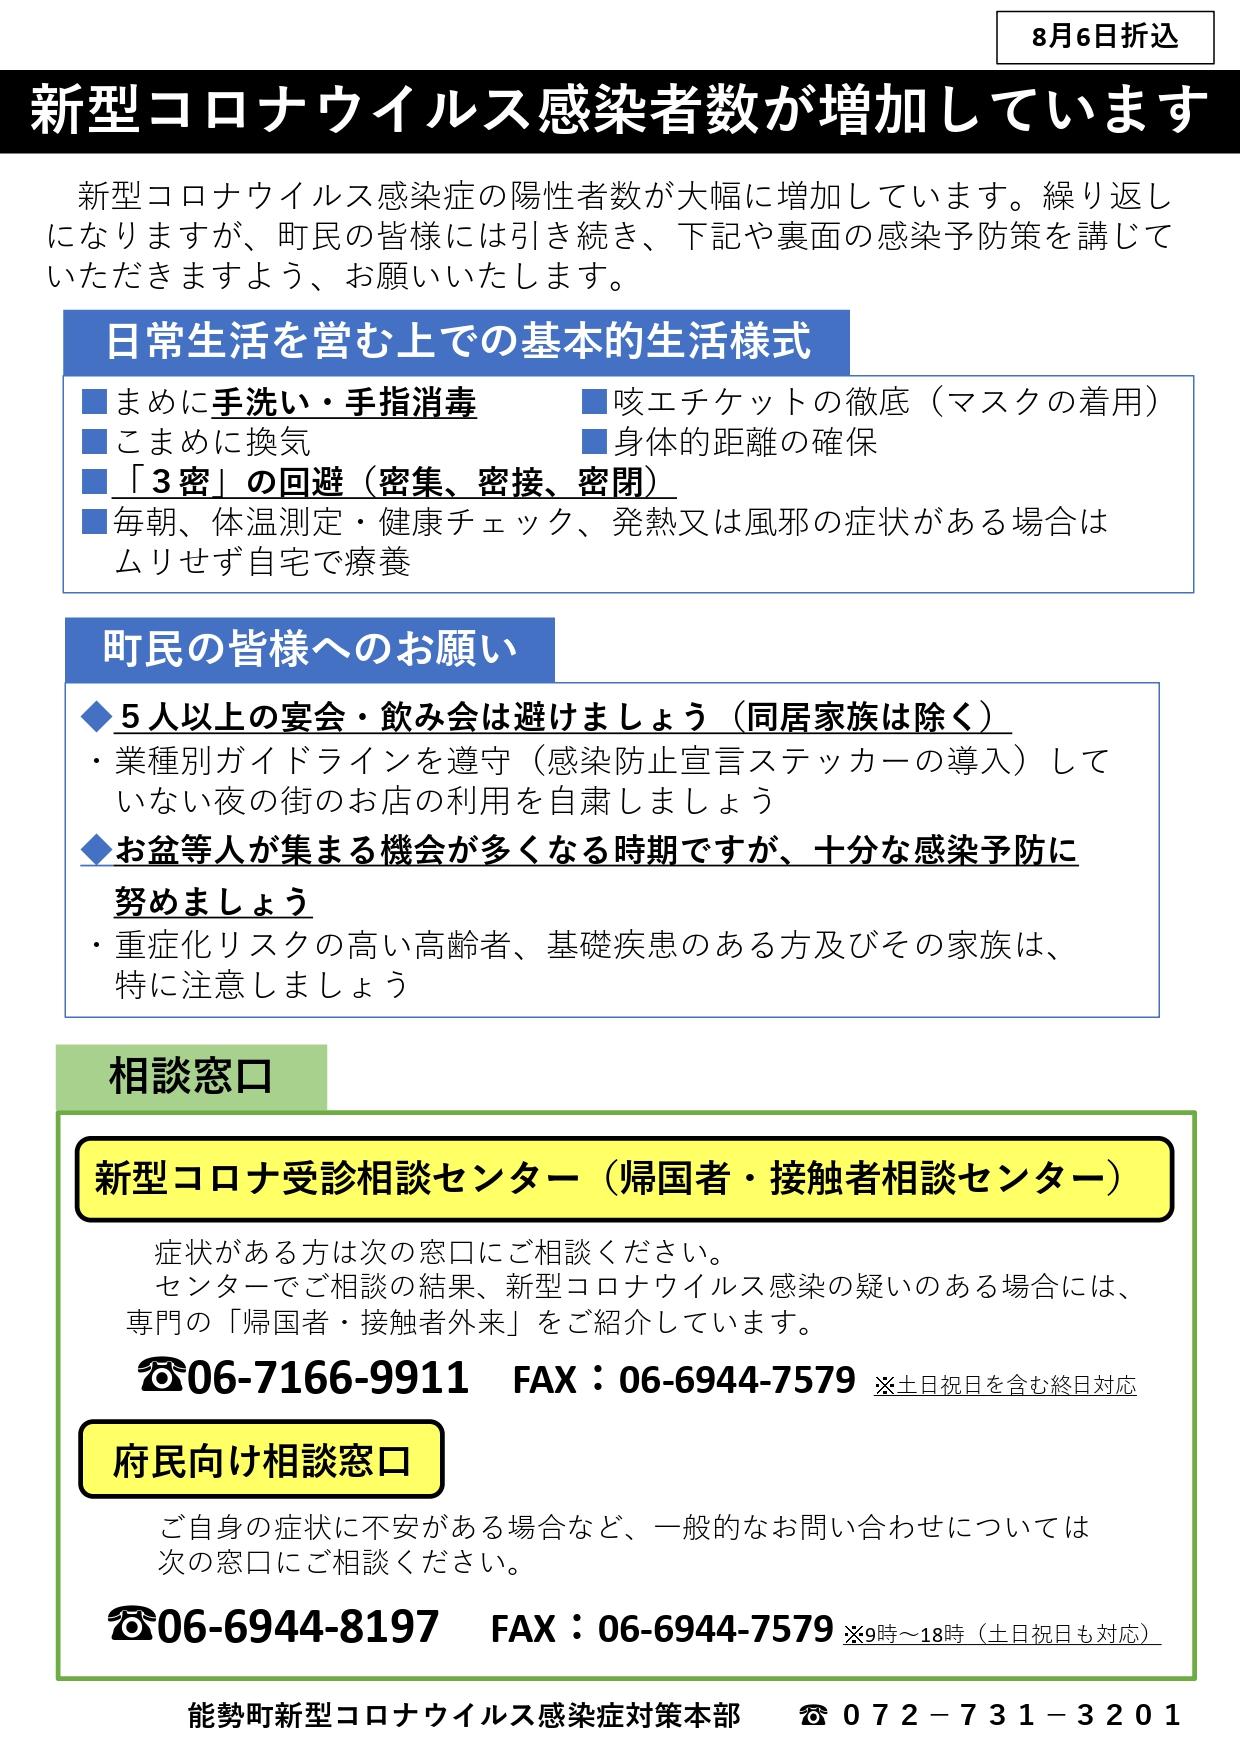 数 者 大阪 ウイルス 感染 府 新型 コロナ